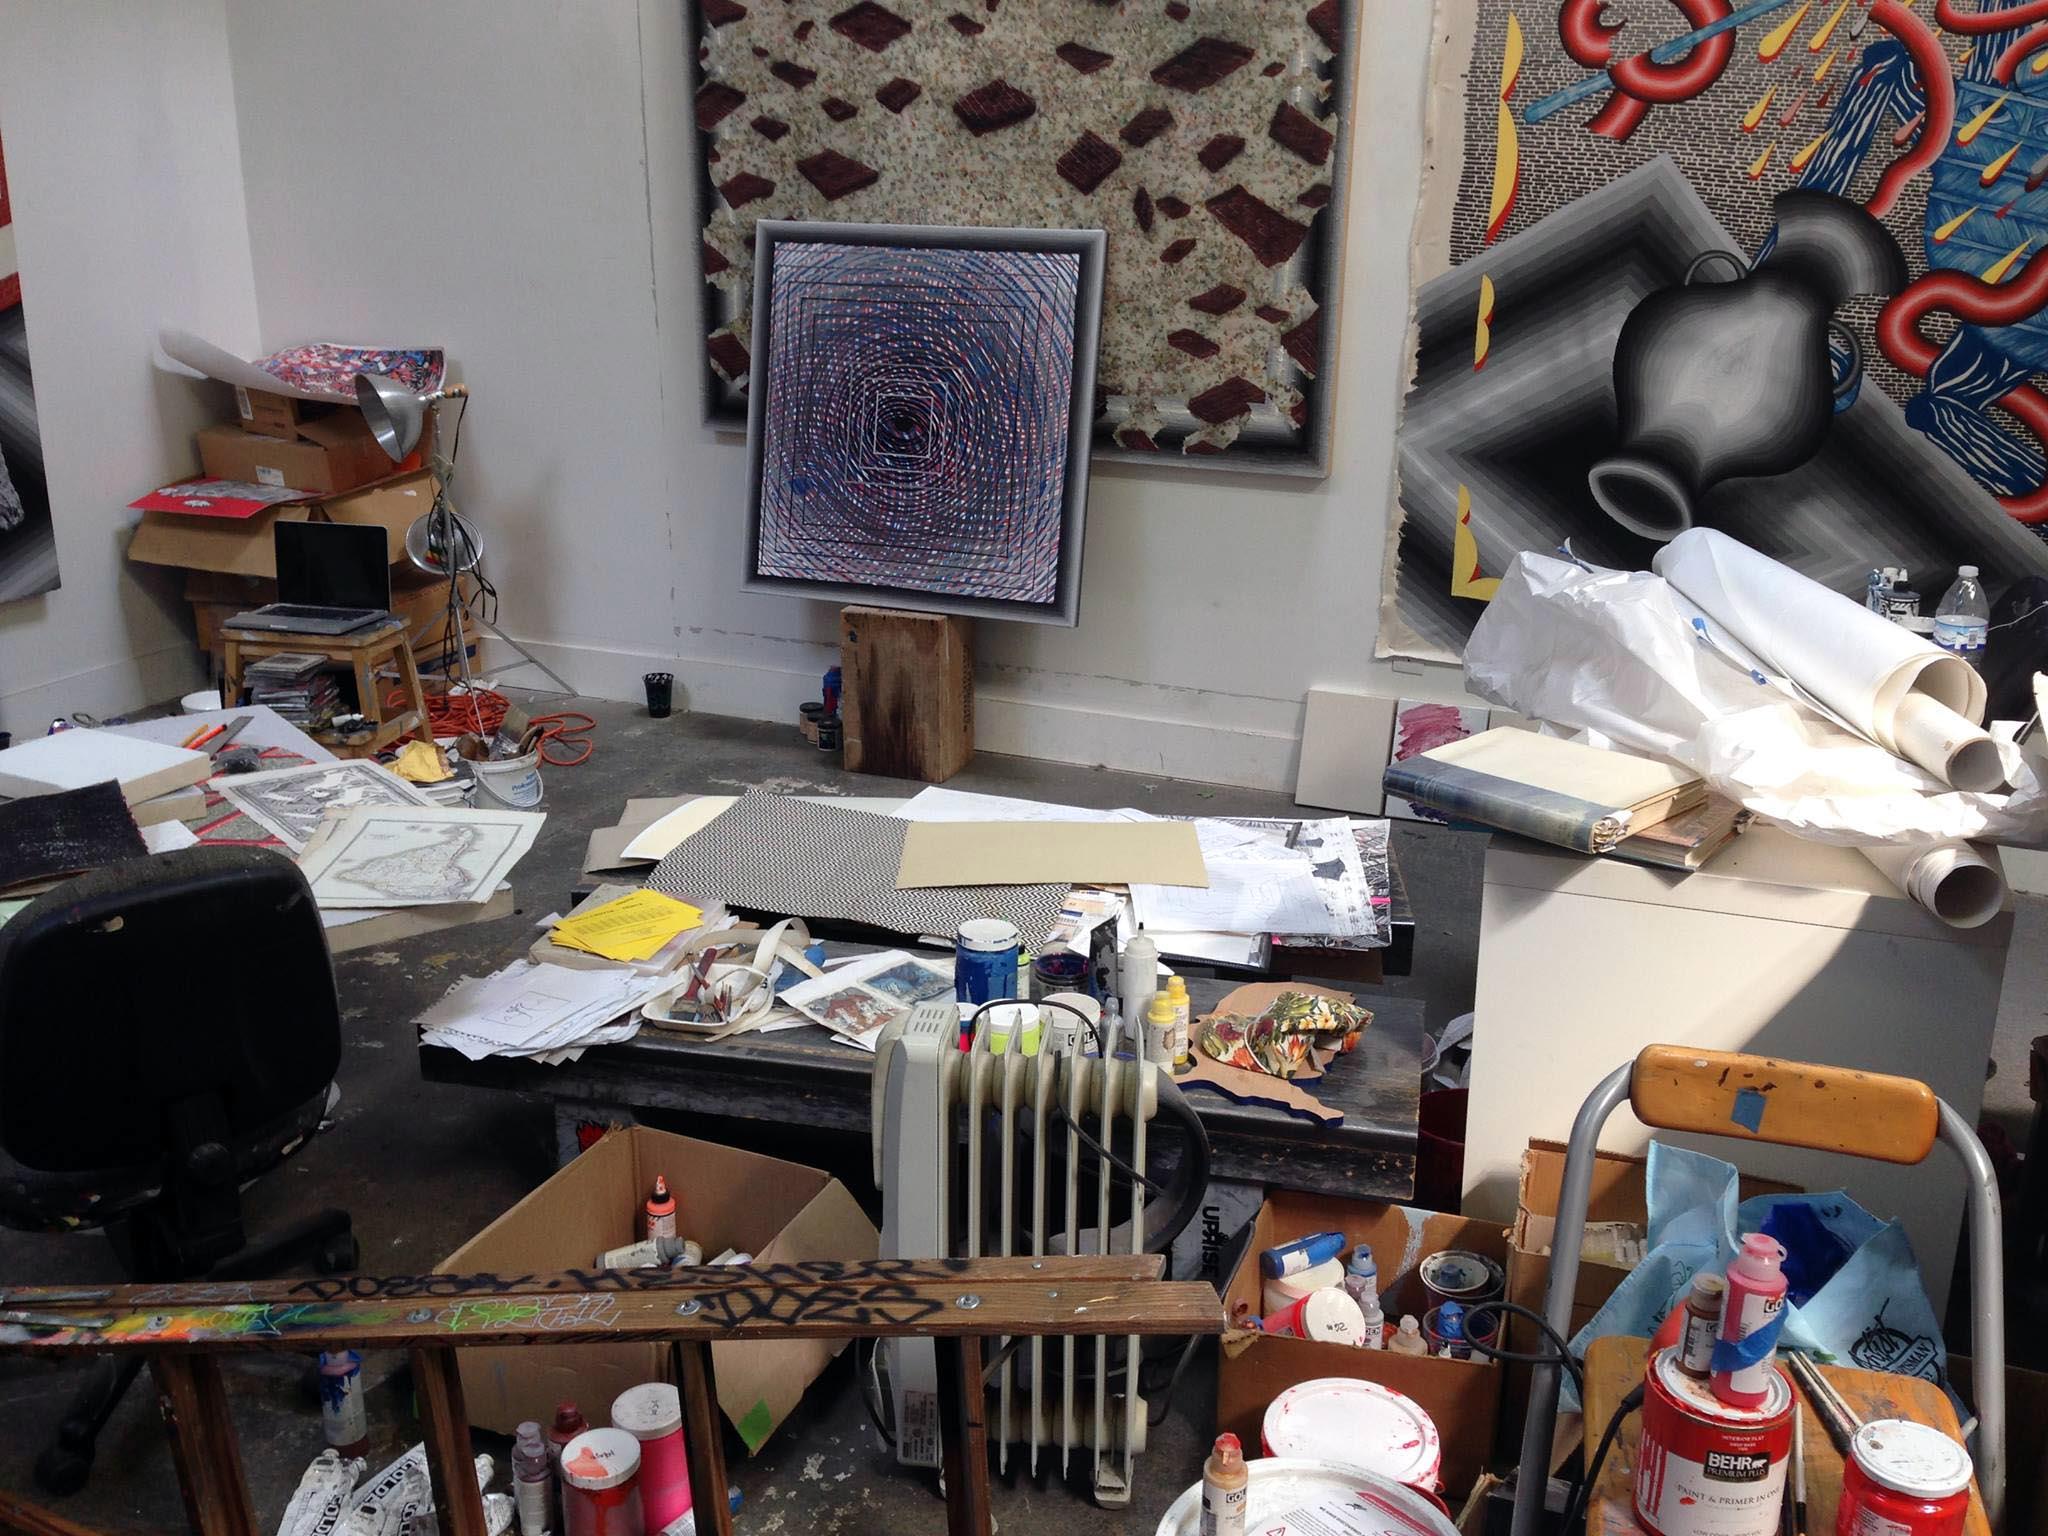 studio_visit_andrew_schoultz-12